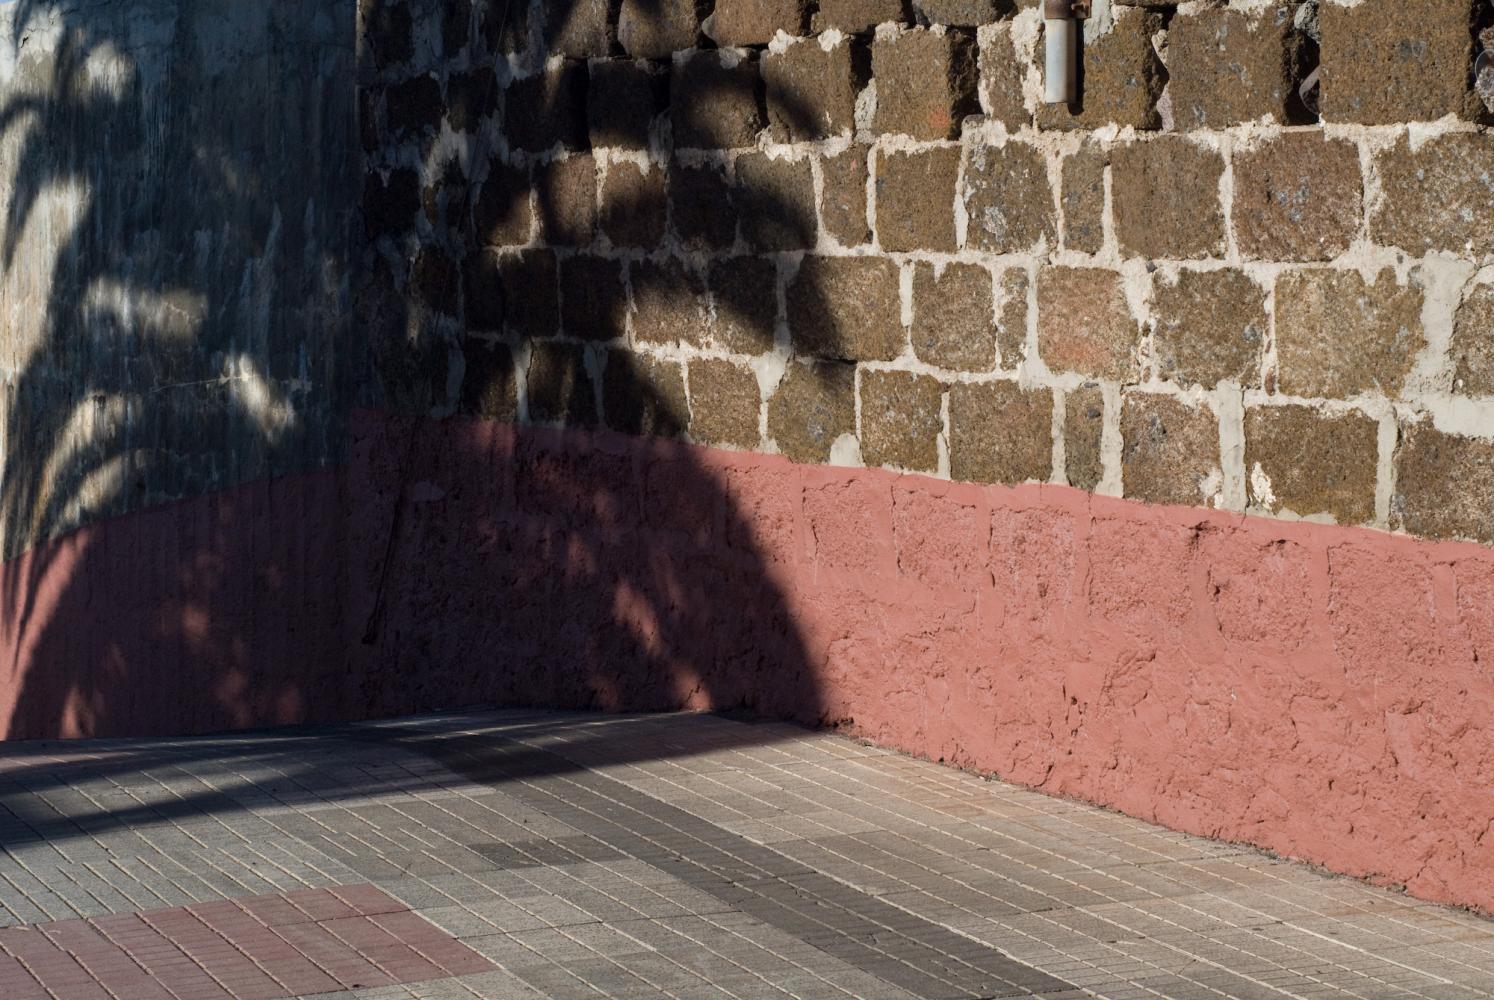 Ombre d'un palmier sur l'angle un mur dont le bas est peint en rose. Puerto de la Cruz. Ténérife, Canaries, janvier 2010.